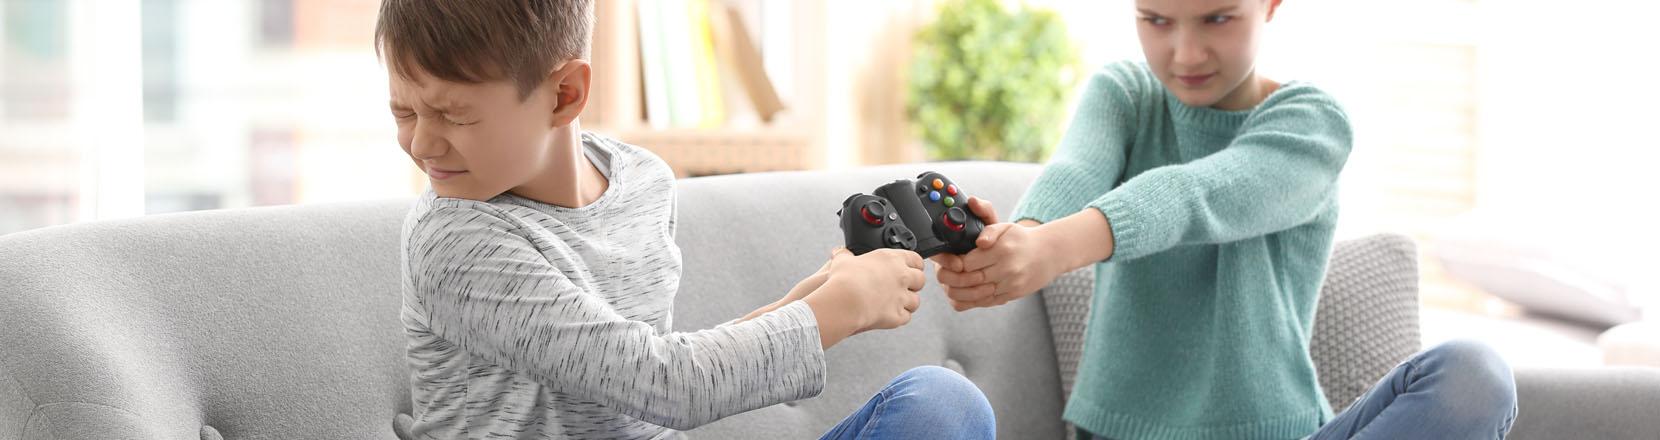 Figli che si picchiano e si scontrano, 2 bambini litigano per avere il joystick